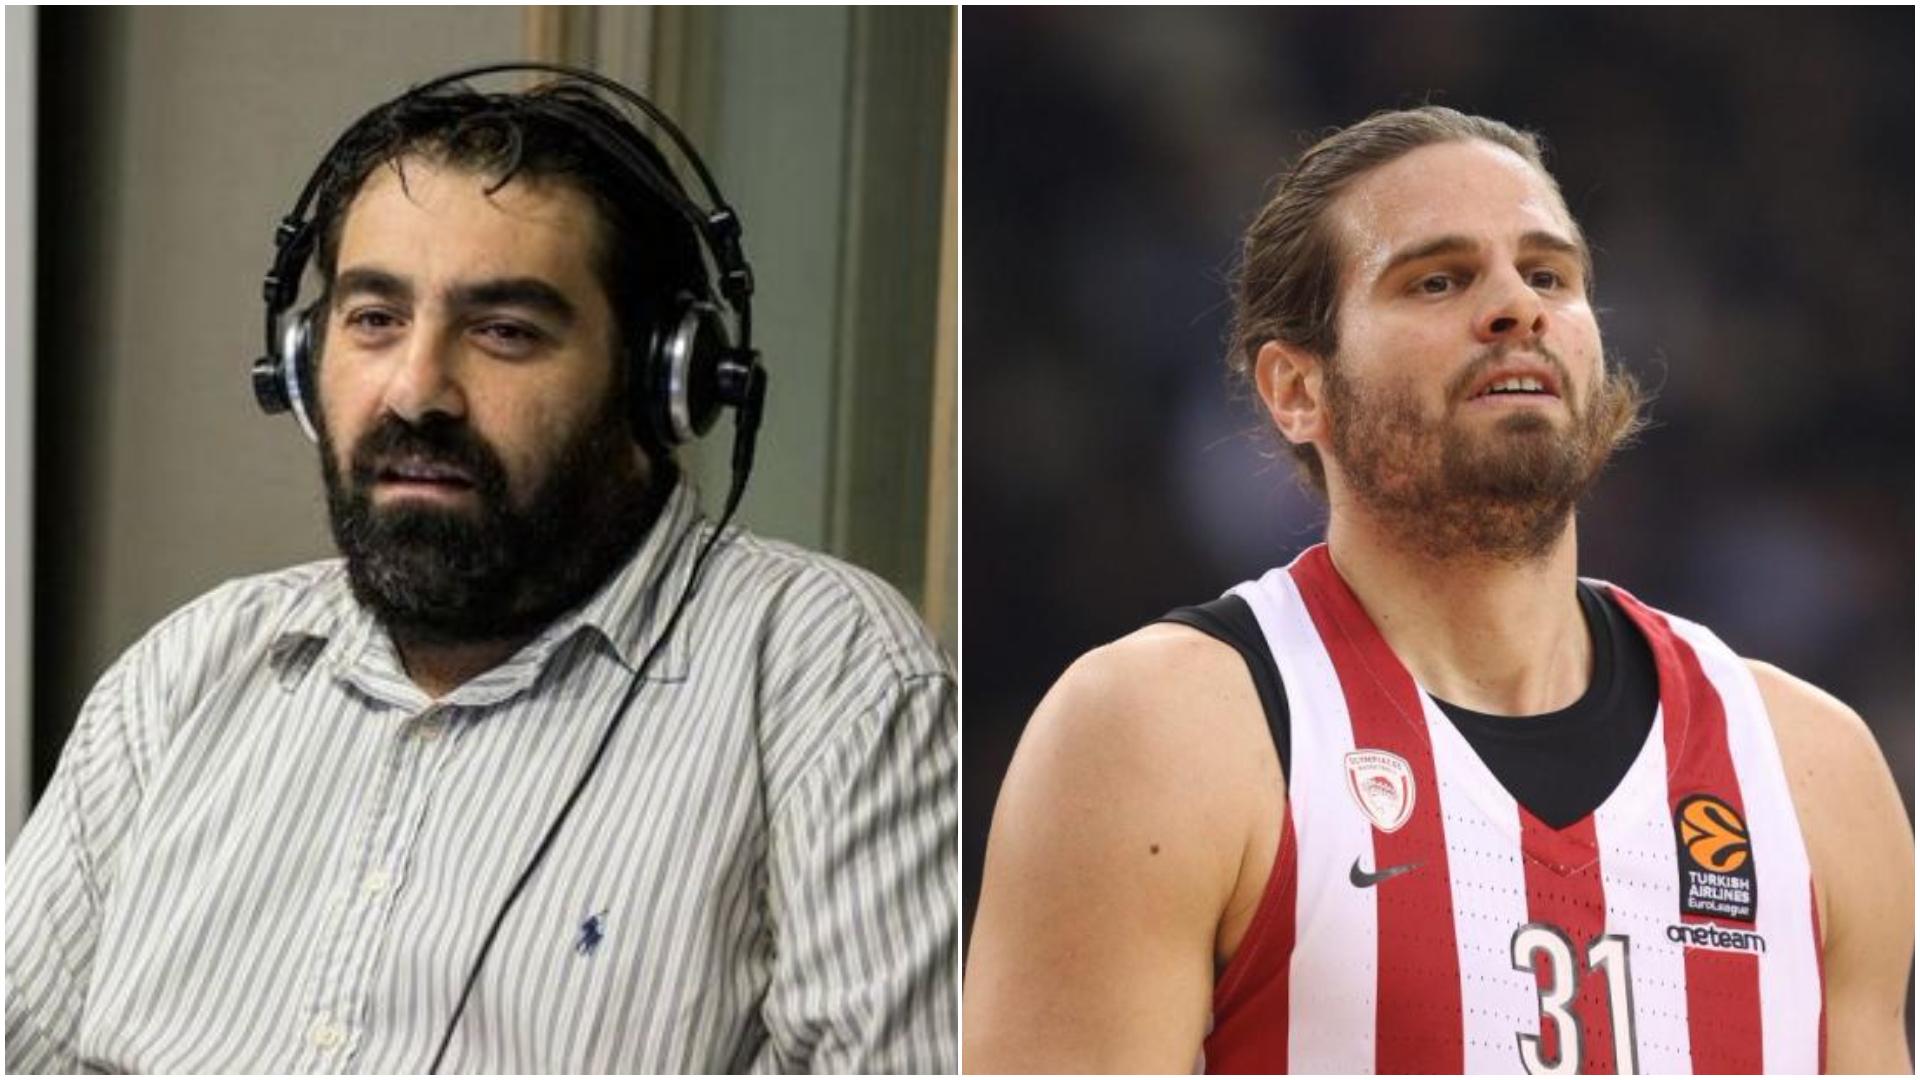 Δημοσιογράφος του Contra.gr καταγγέλλει ότι τις έφαγε χθες από μπασκετμπολίστα του Ολυμπιακού